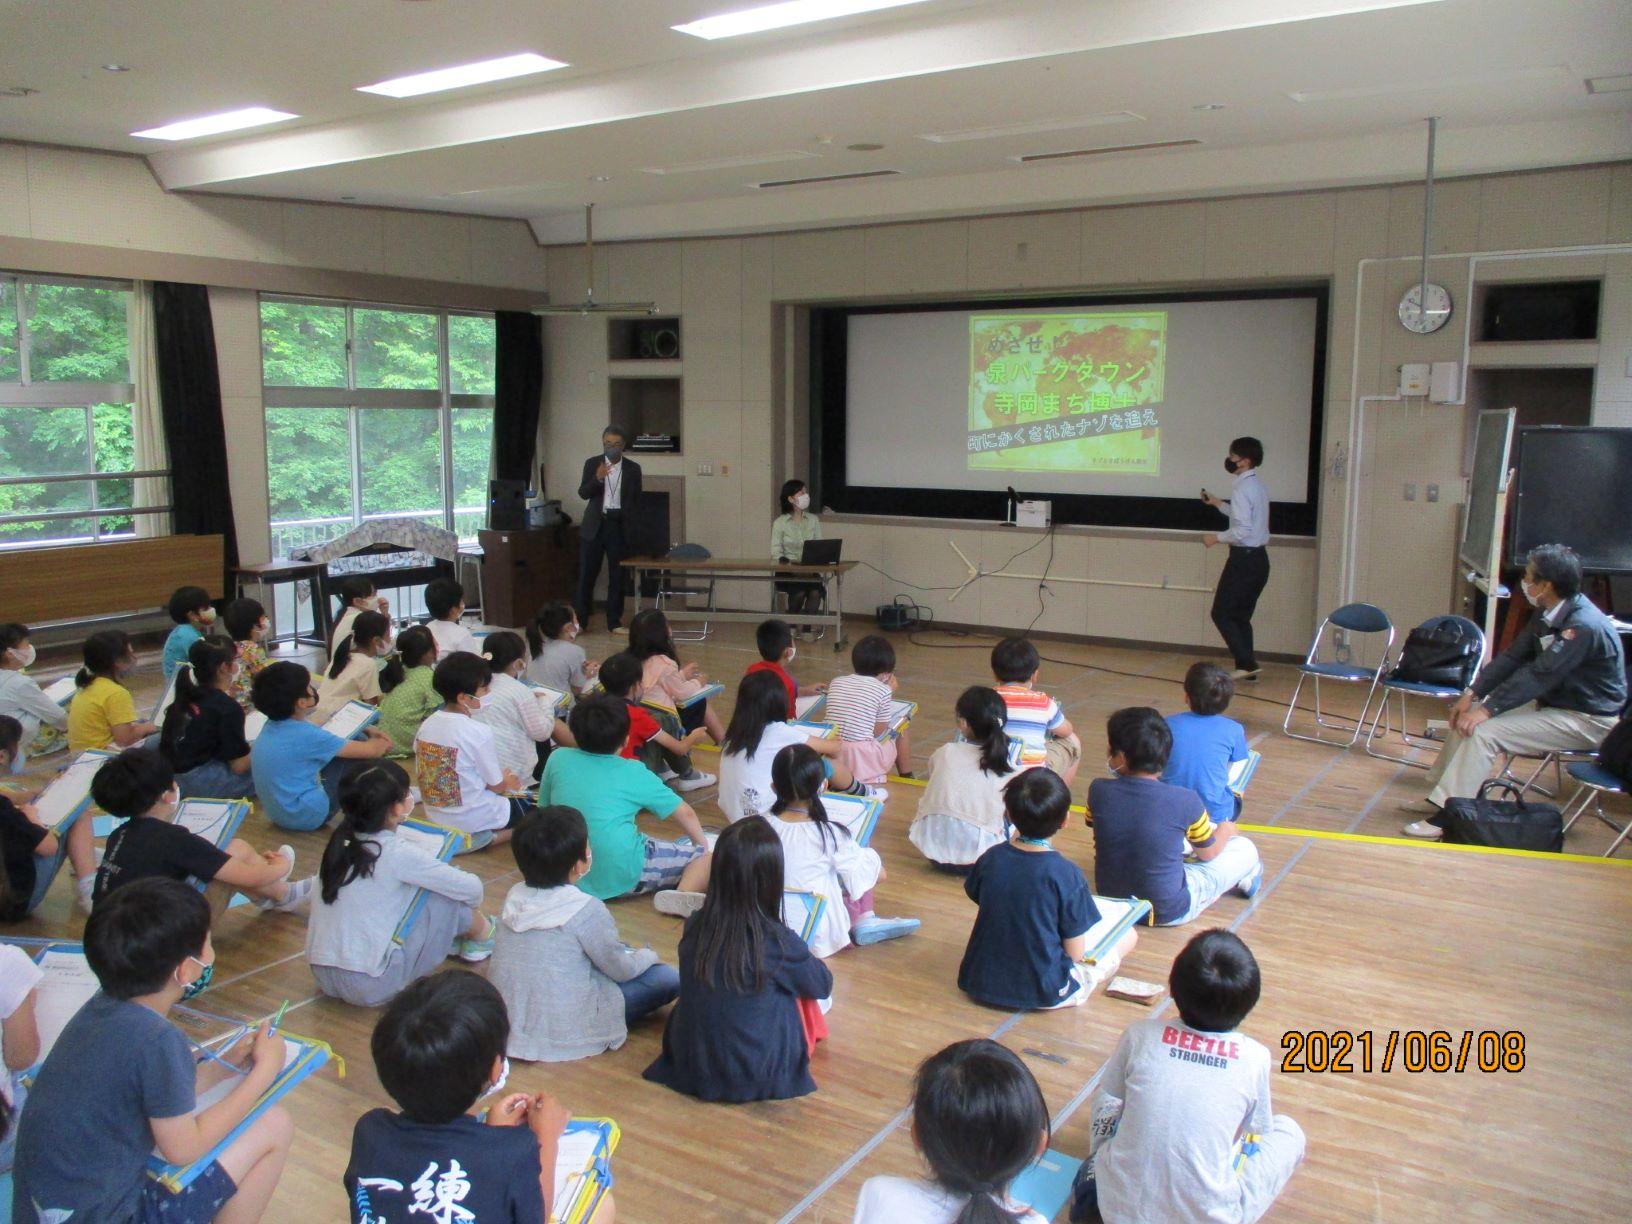 寺岡小学校の総合学習に参加しました【泉パークタウンサービス】